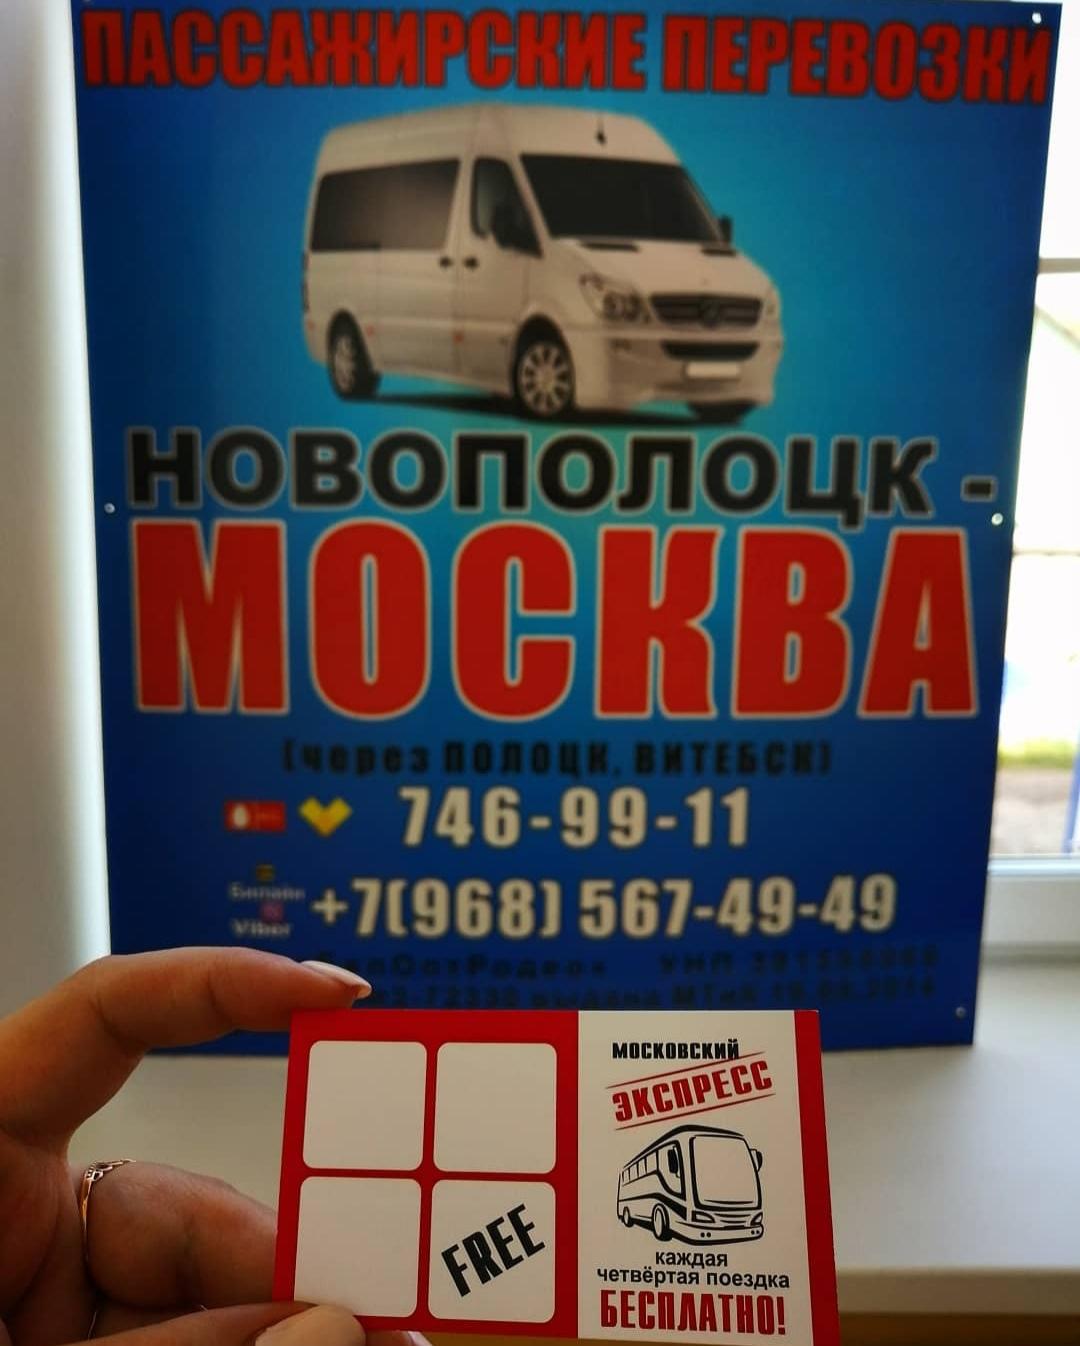 Акция полоцк, новополоцк-москва